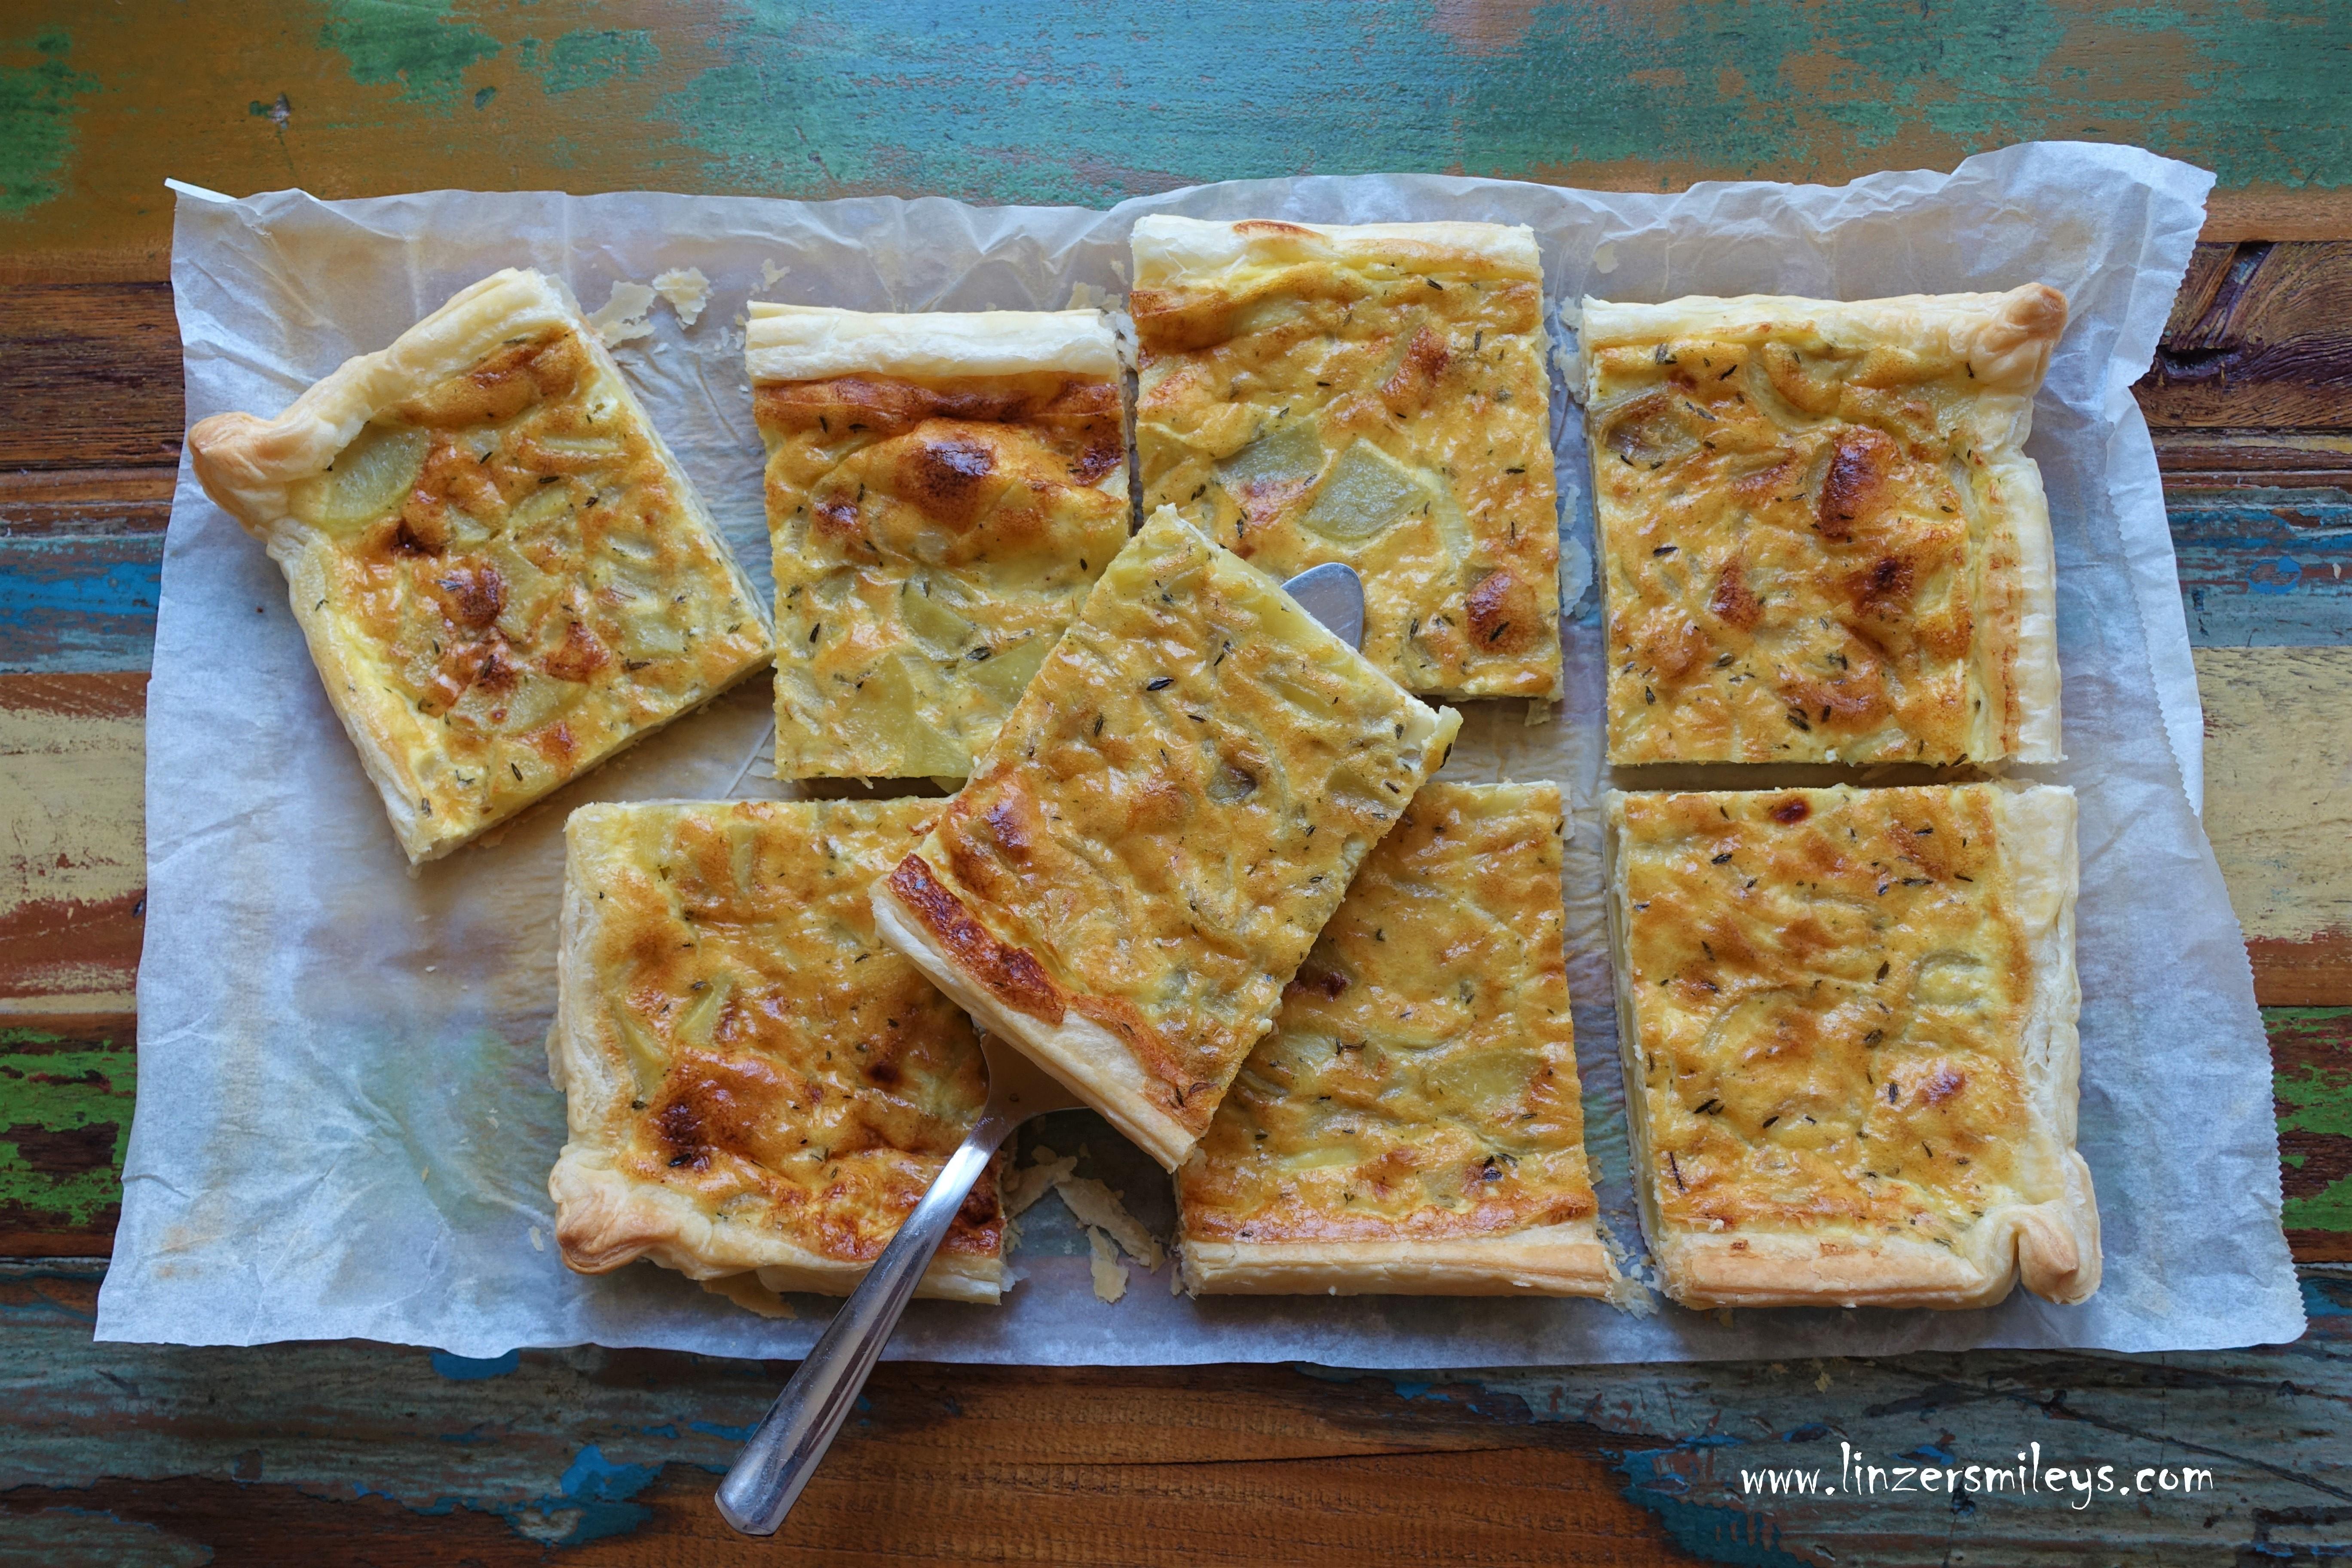 #Quiche #Tarte & Co., Tarte mit Kartoffeln, pommes de terre, französisch backen, Blätterteig, Snack, Picknick im Grünen, kalt oder warm, vegetarisch